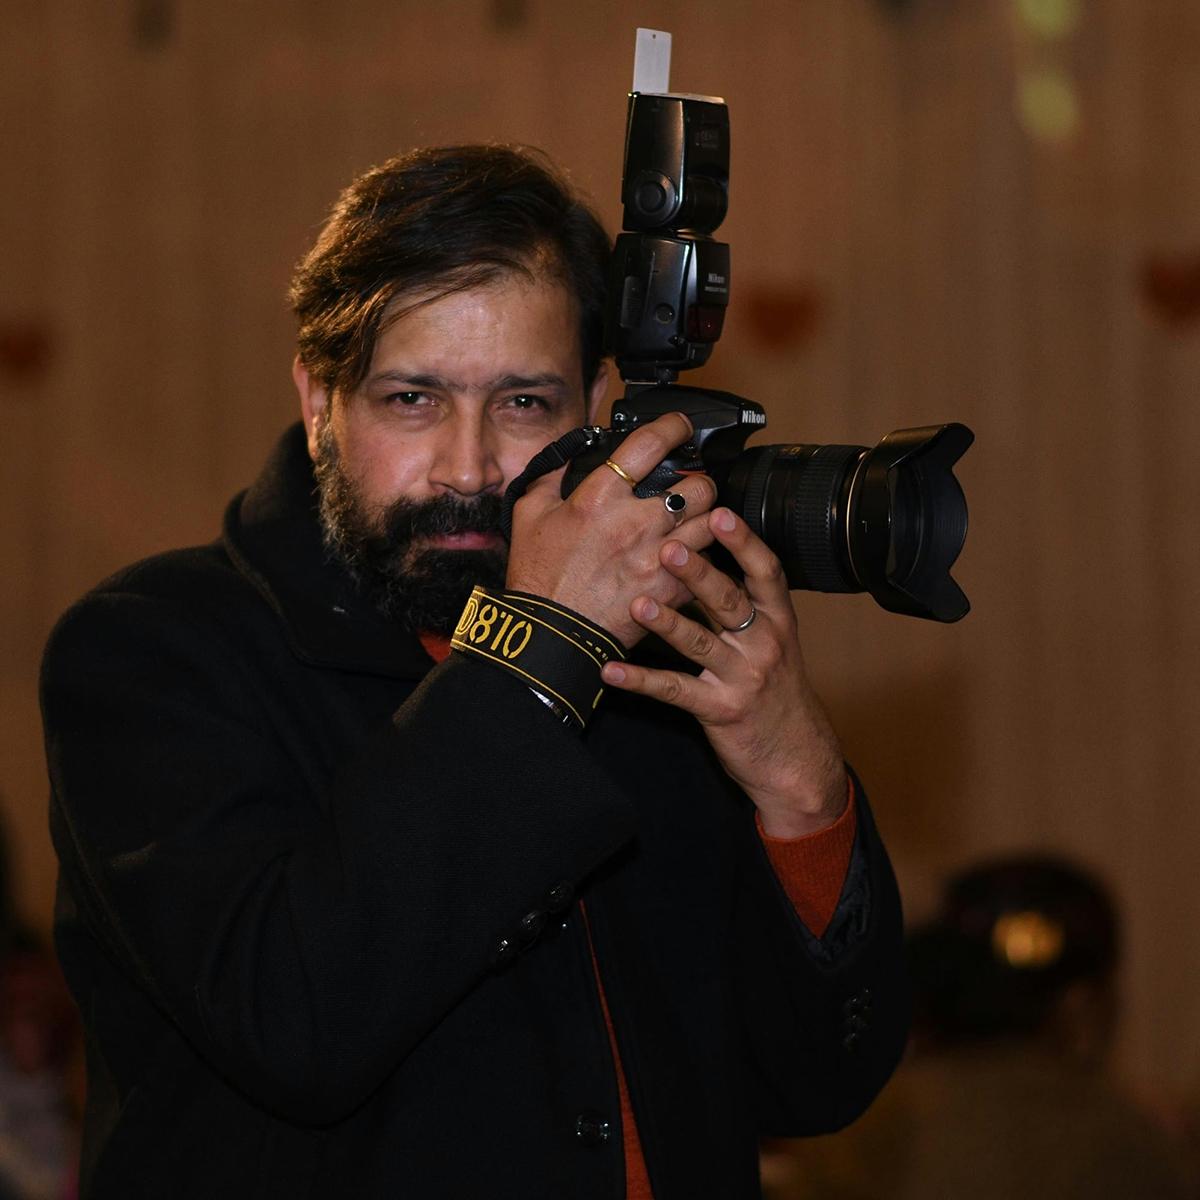 Photographer Basanta Gautam